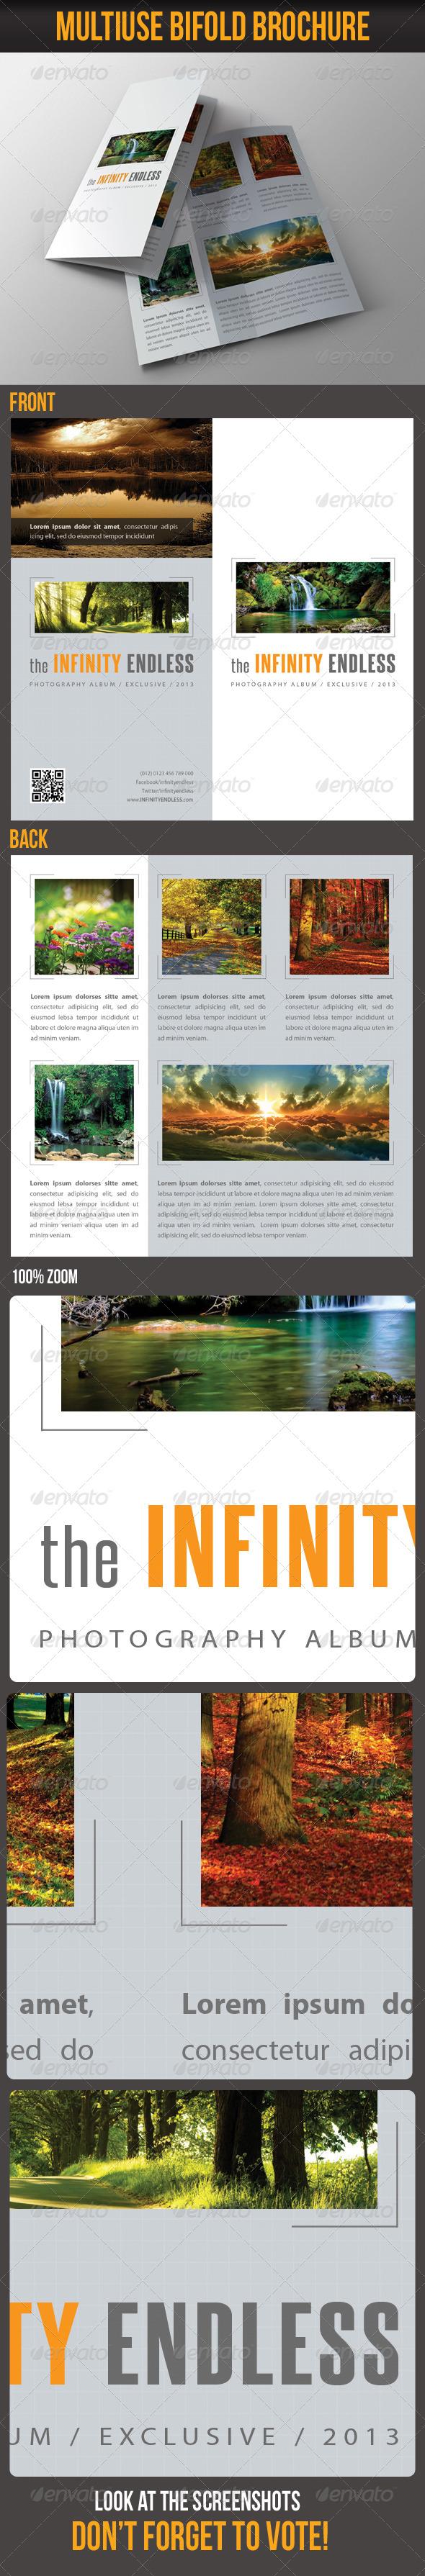 GraphicRiver Multiuse Bifold Brochure 07 6084421